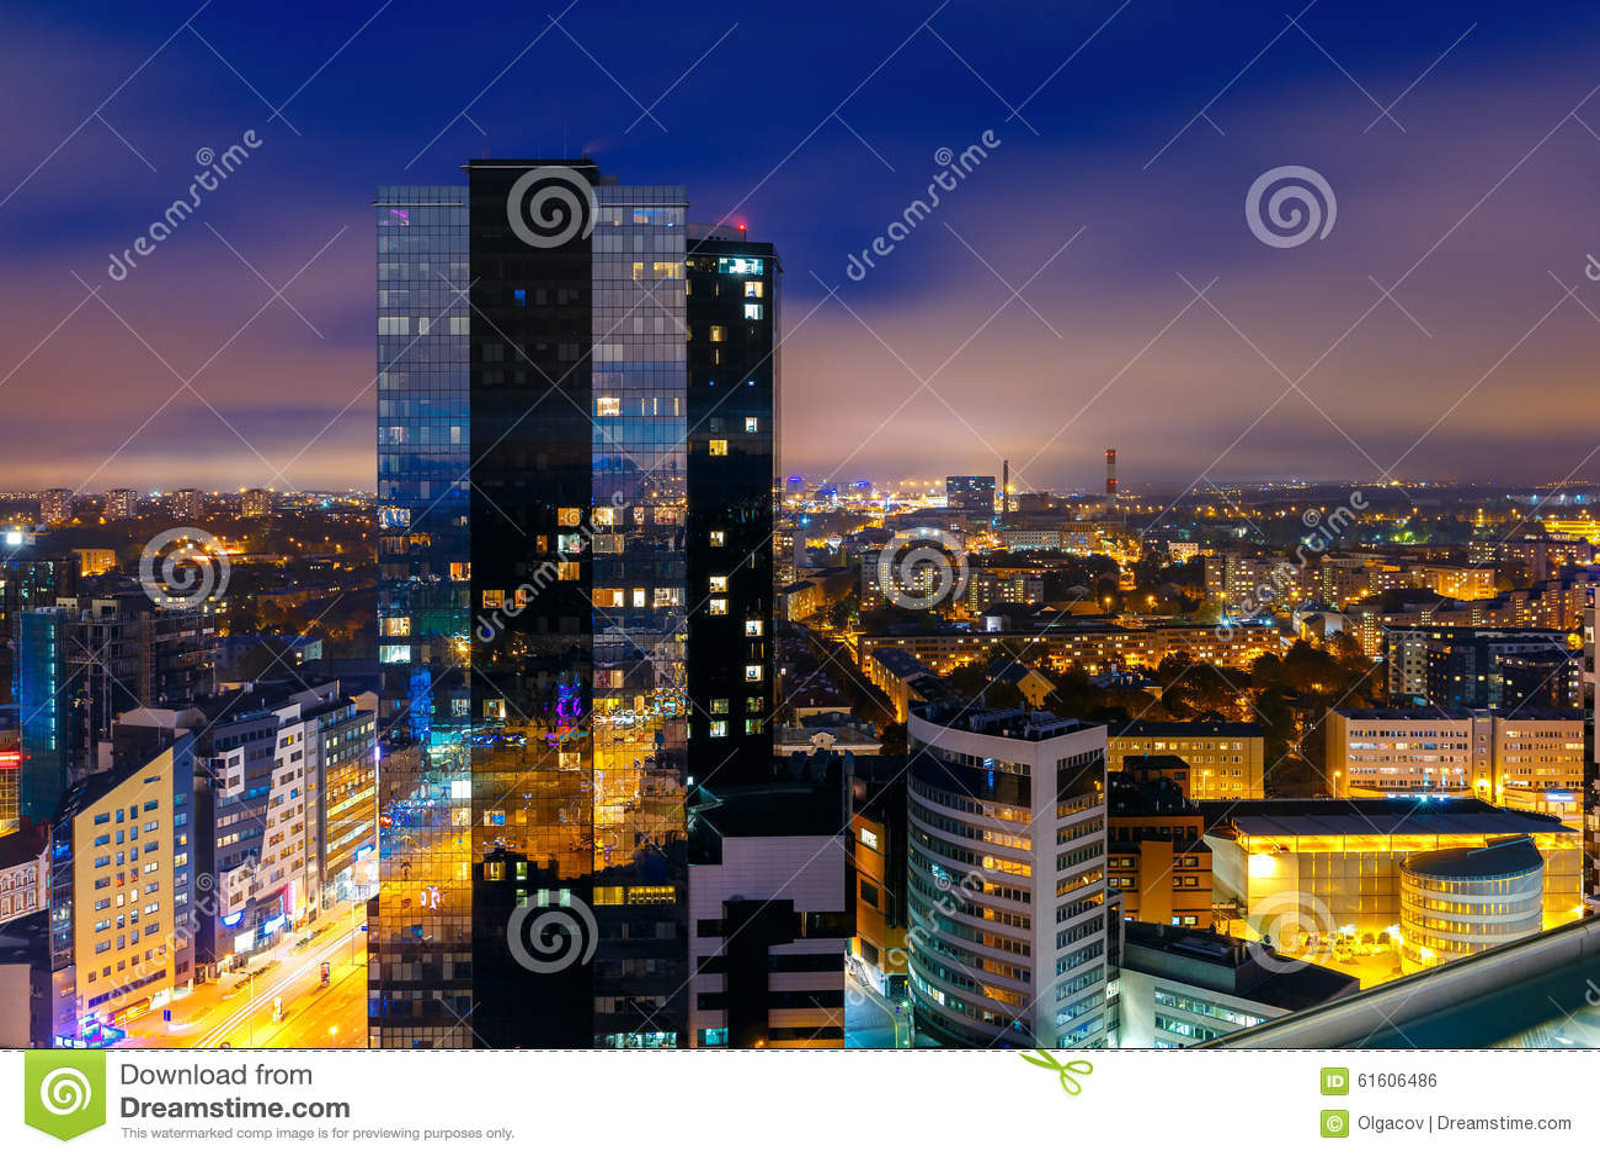 60 Cityscape Pl Ne